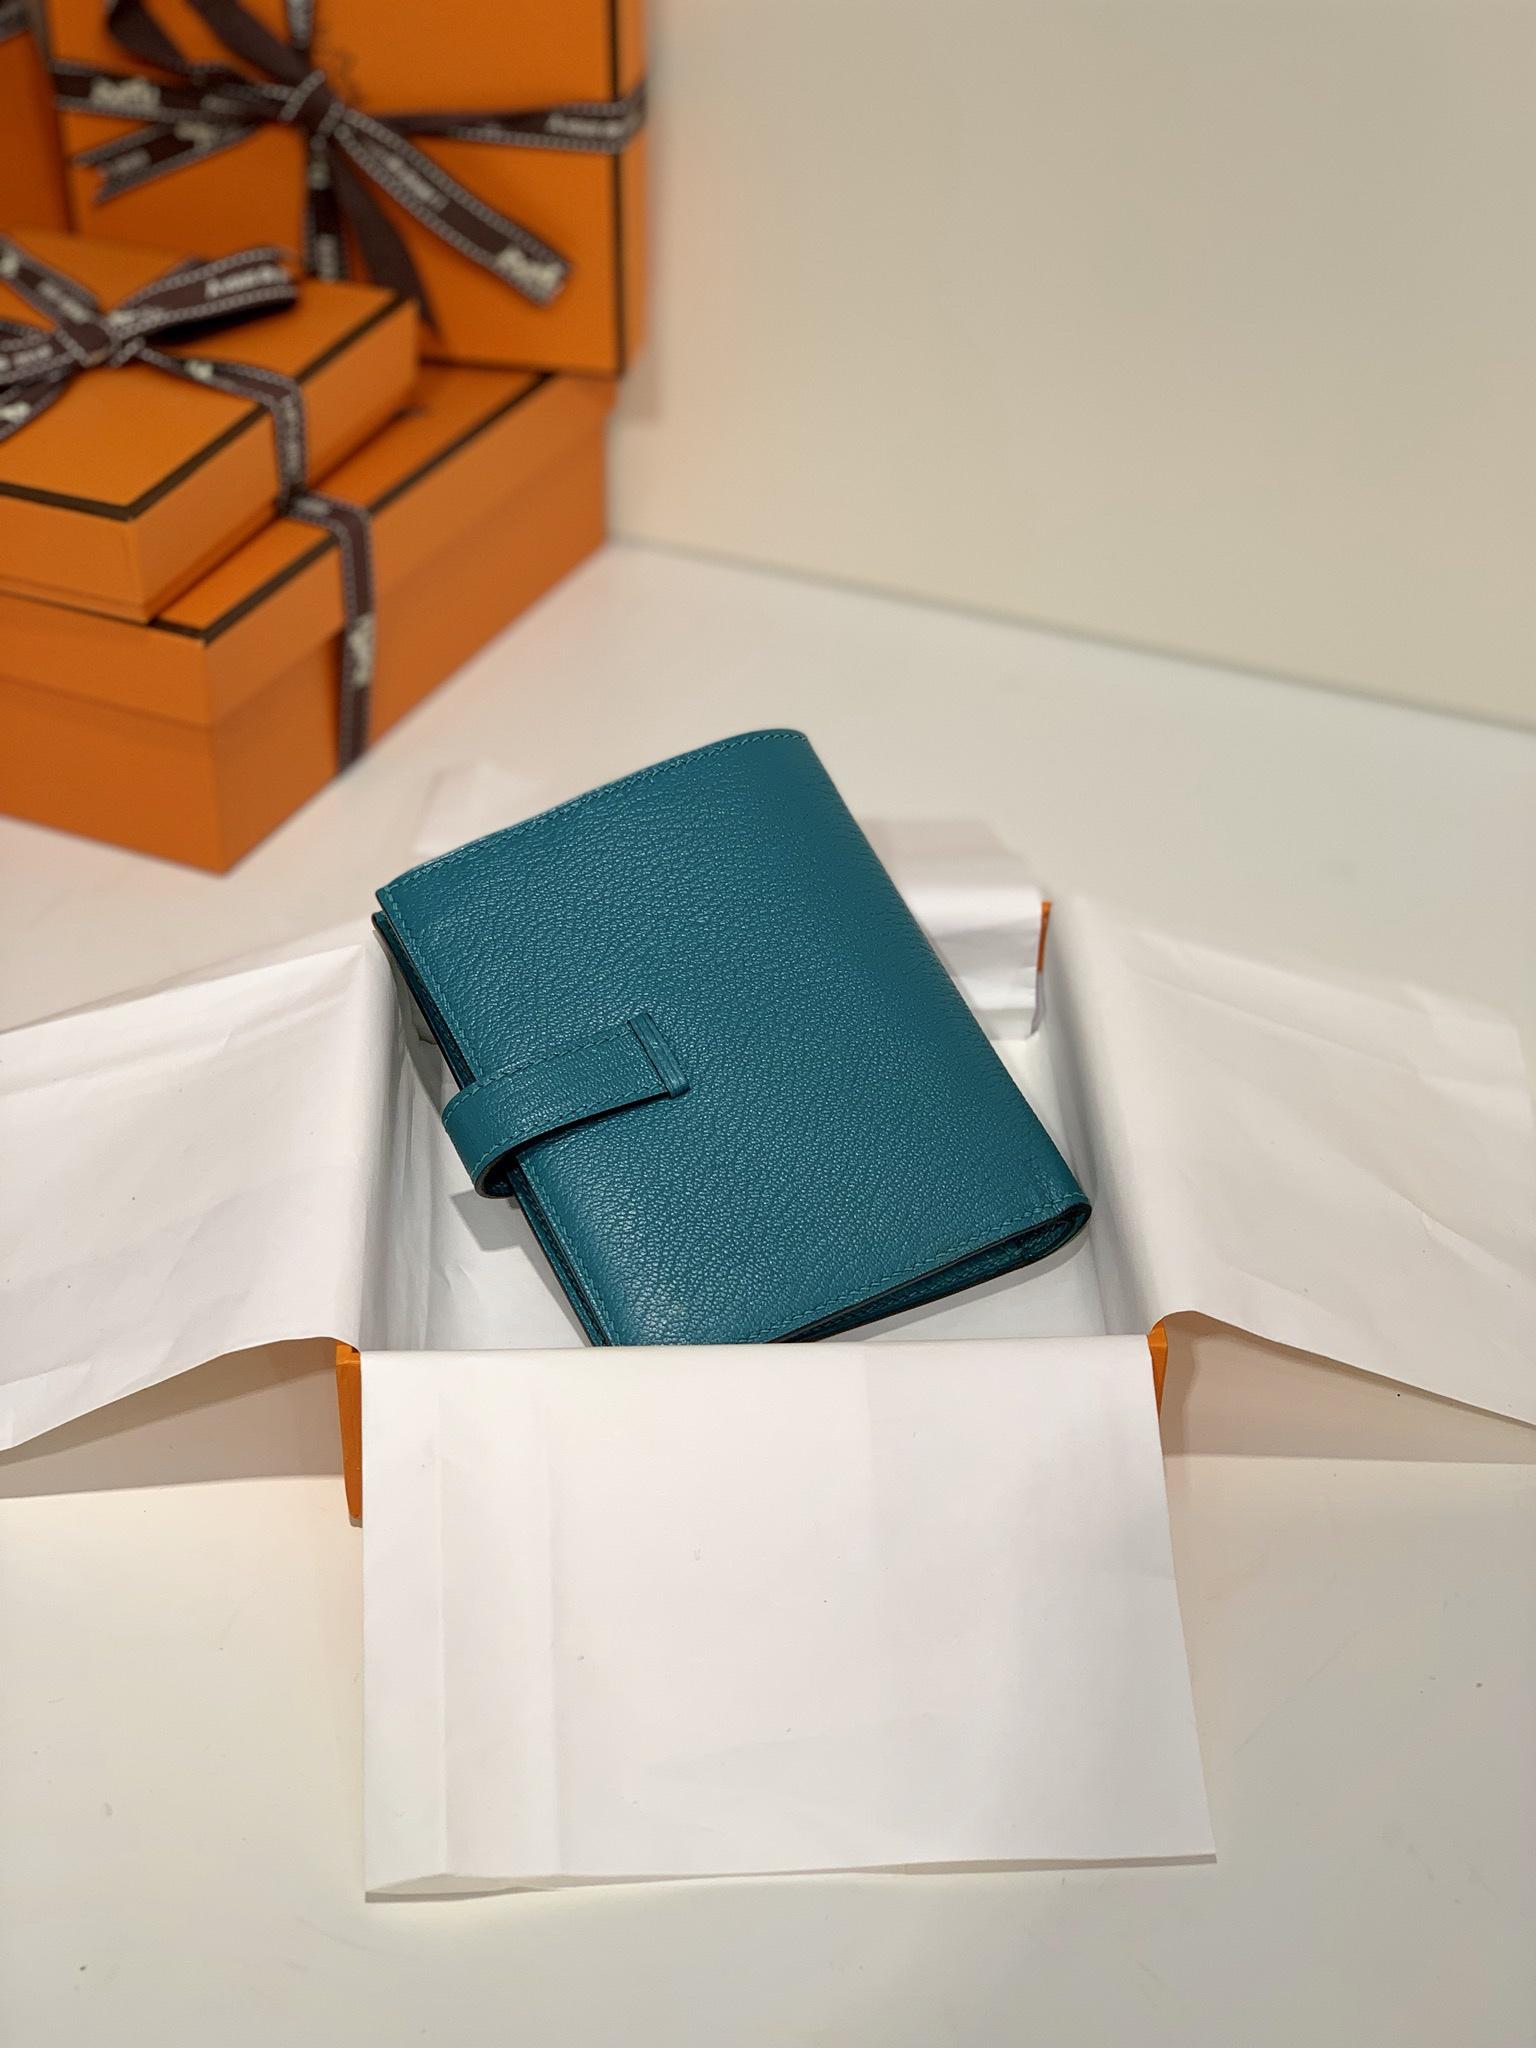 爱马仕经典钱夹 Hermes孔雀蓝进口山羊皮Bearn短款钱包卡包 银扣